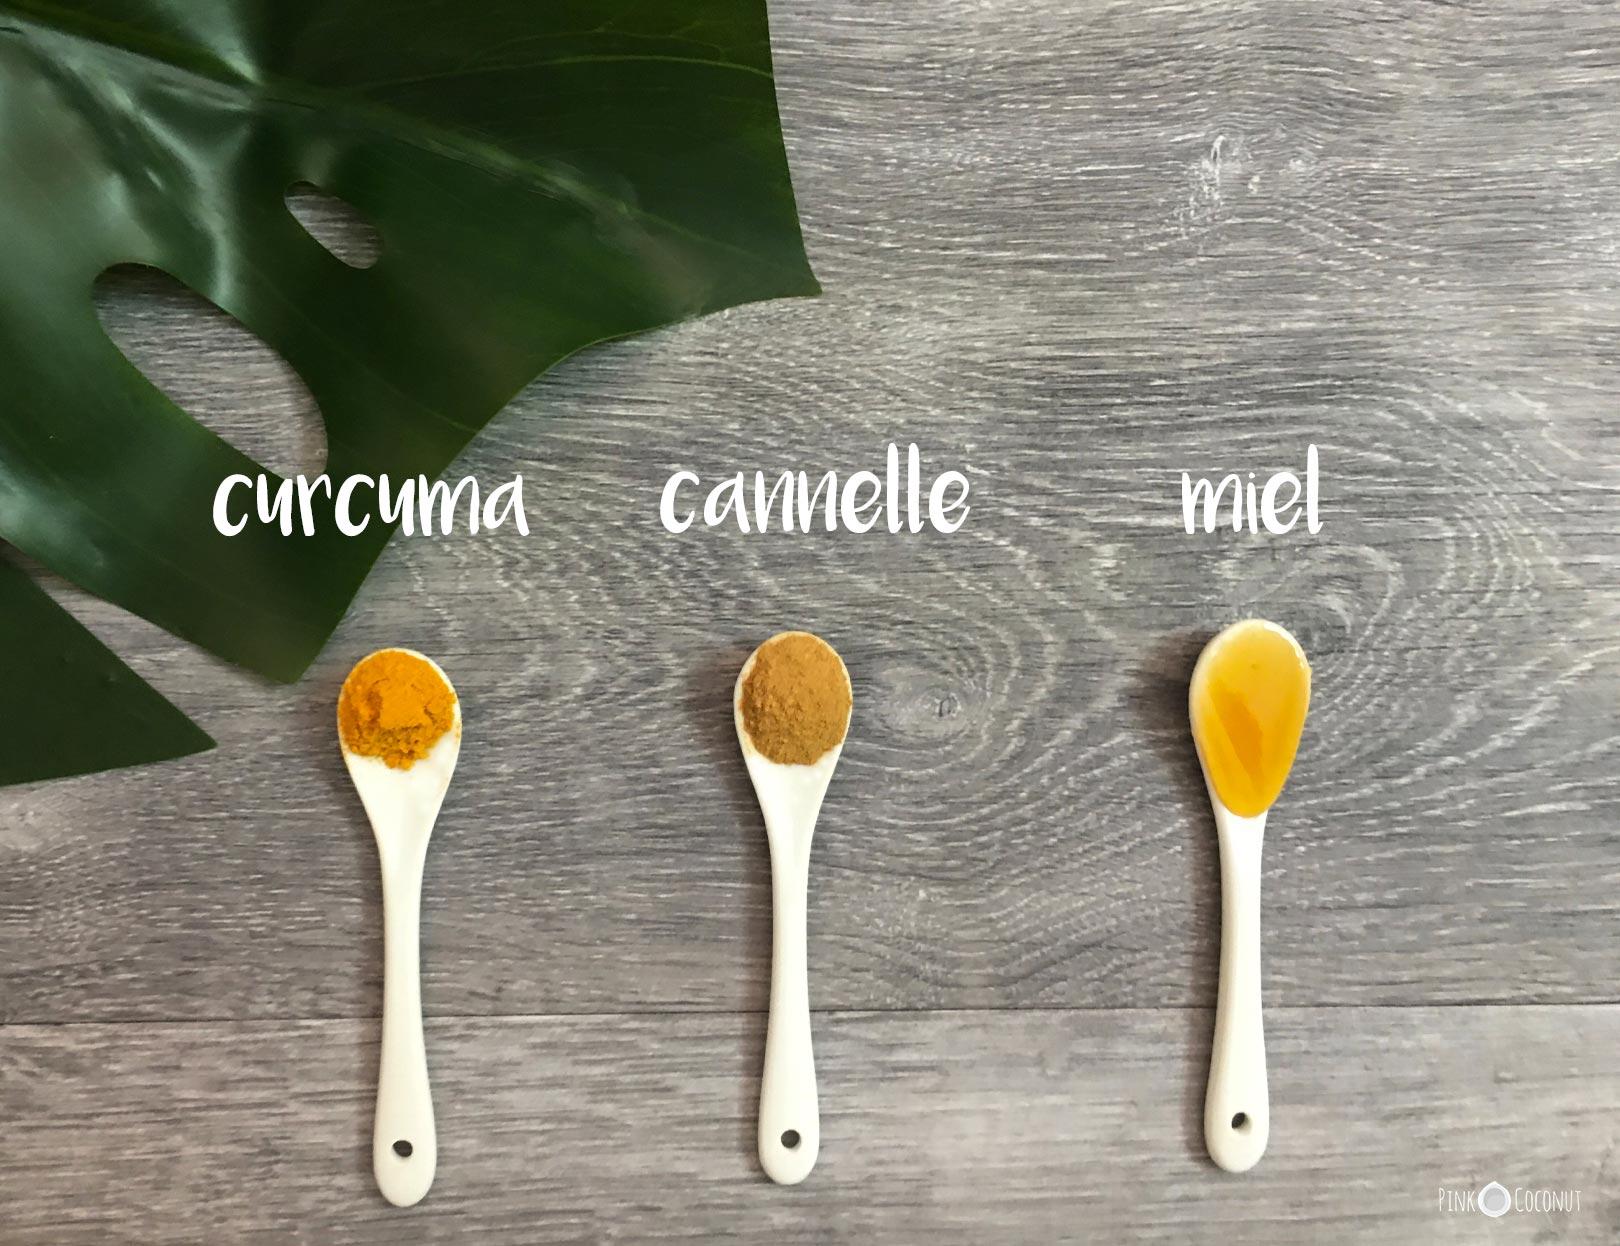 masque naturel pour le visage au curcuma, à la cannelle et au miel